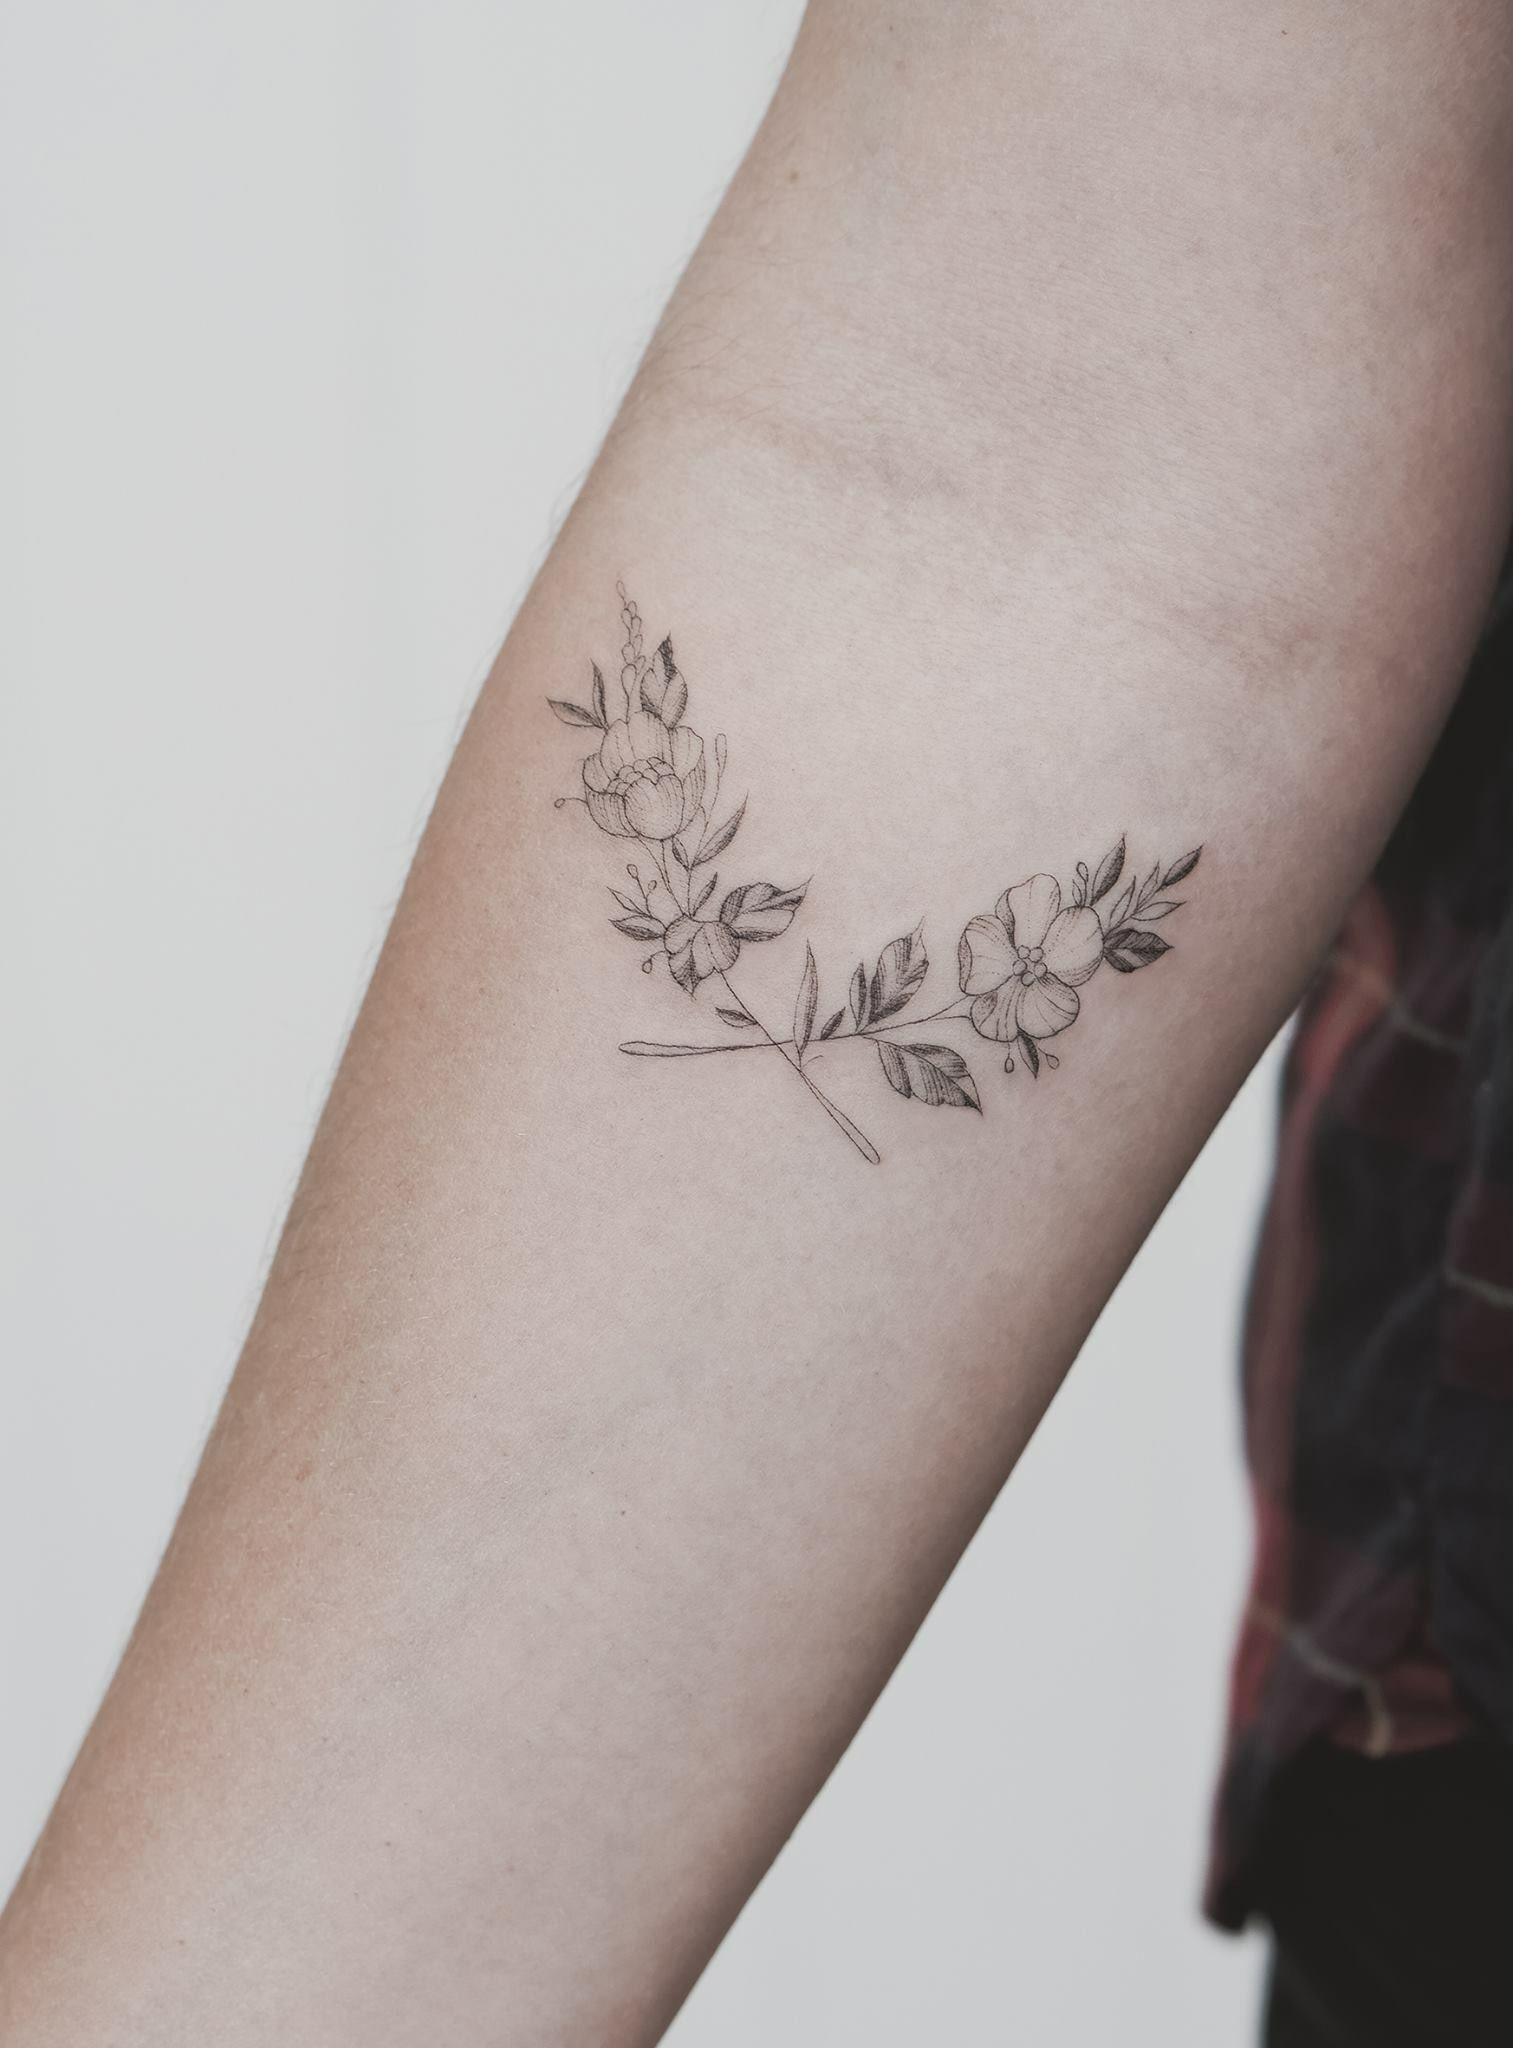 Small Line Tattoo: Tat Tat Tatttted Image By Jasmine Godwin